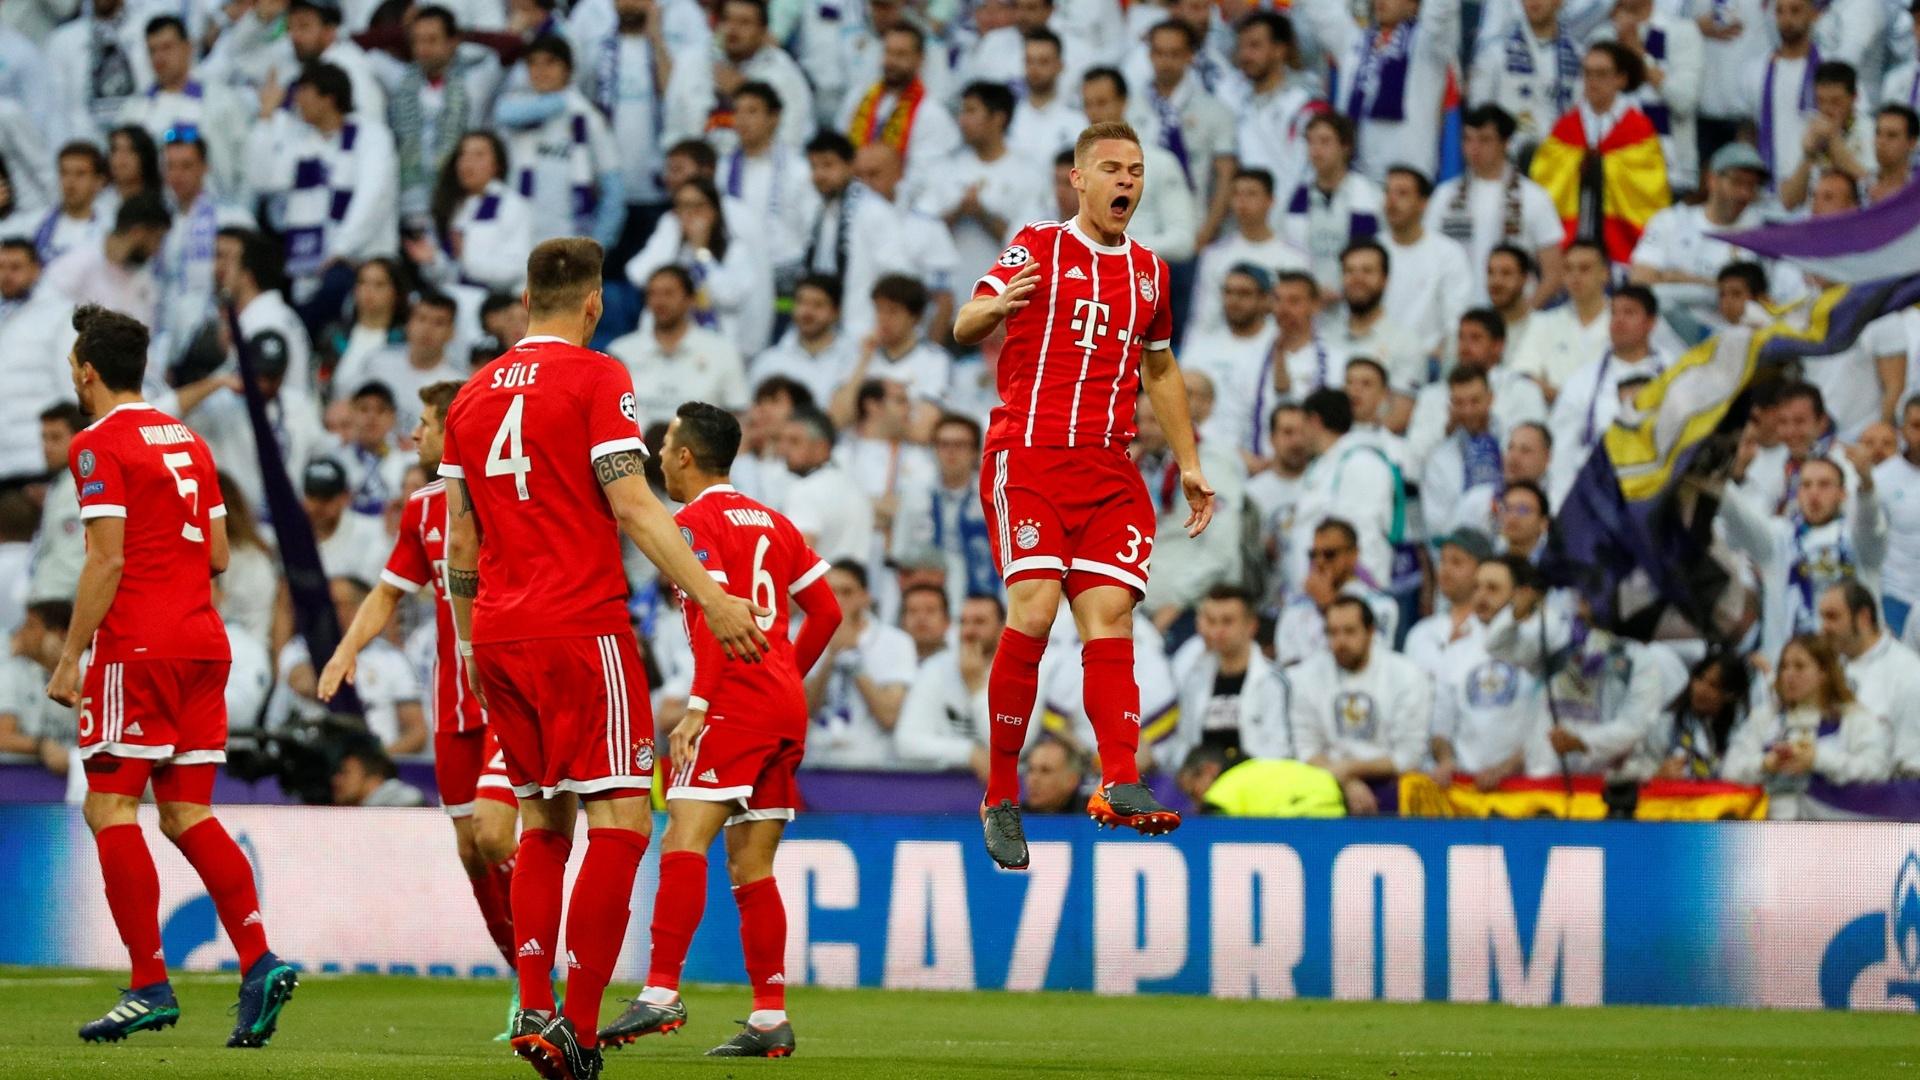 Kimmich festeja o seu gol marcado diante do Real Madrid